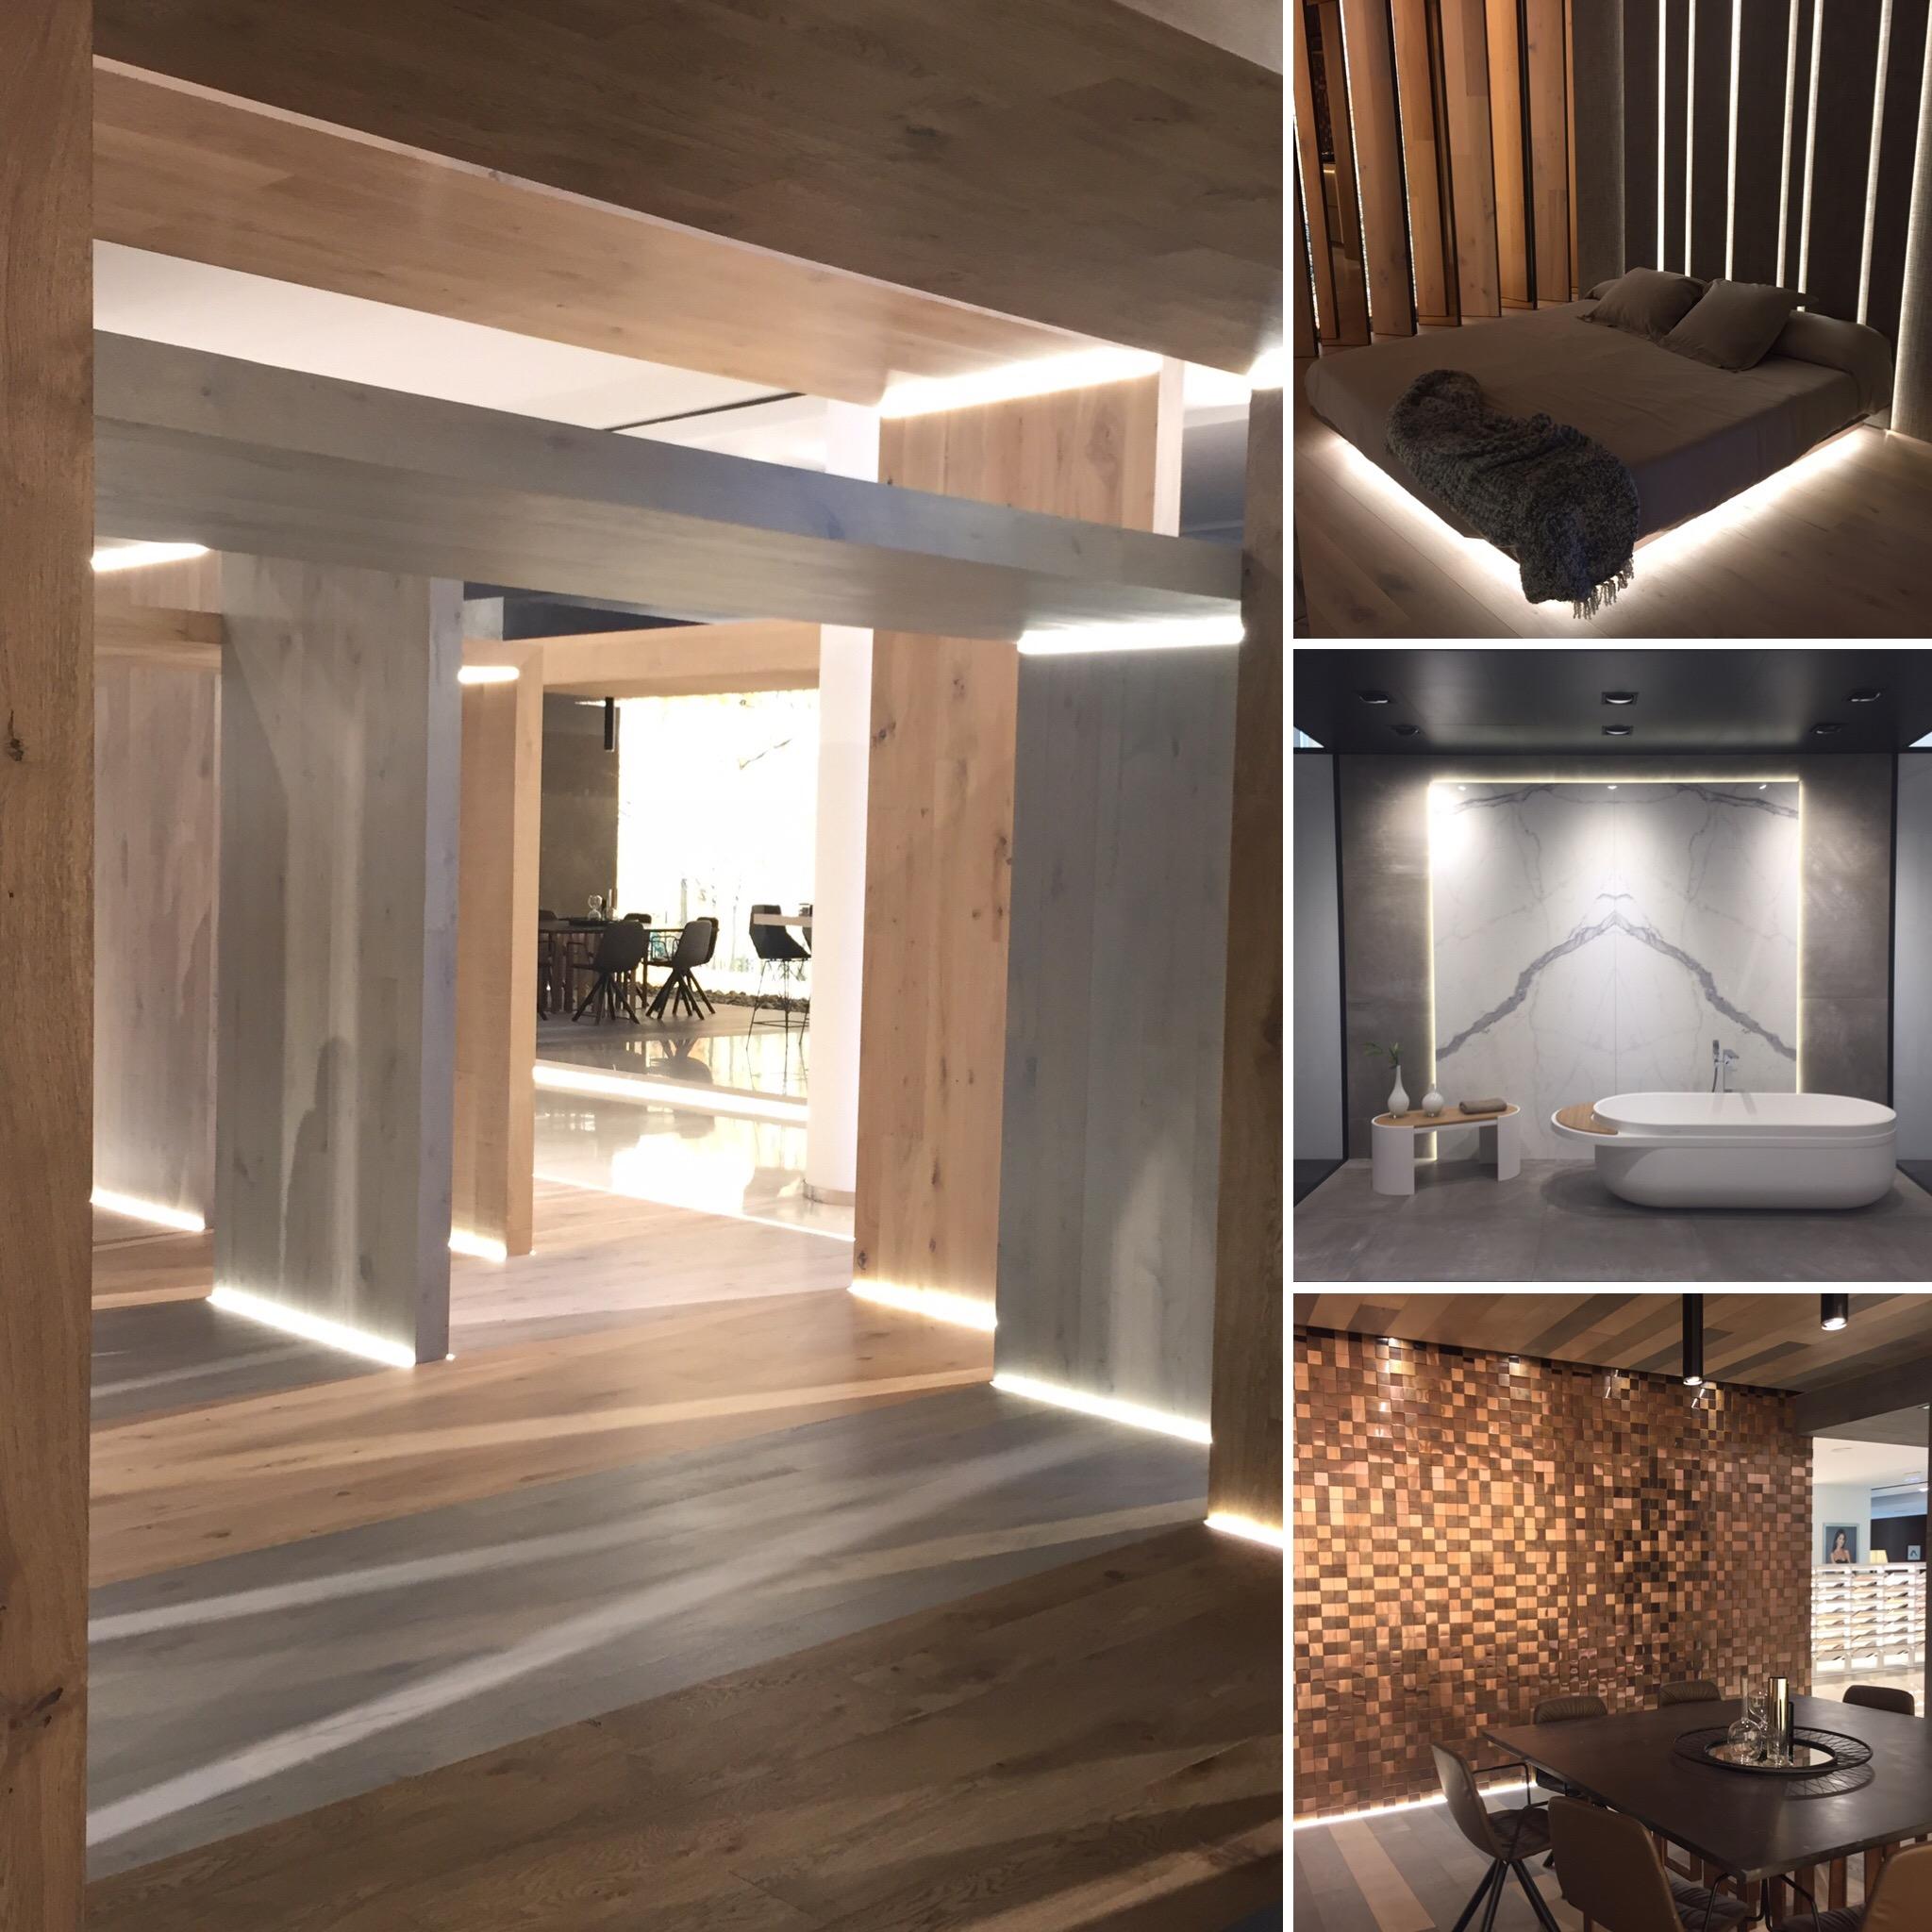 #dehotelpartners #mondaymotivation #inspiration #hoteldesign #interiordesign #valencia #porcelanosa #hospitality